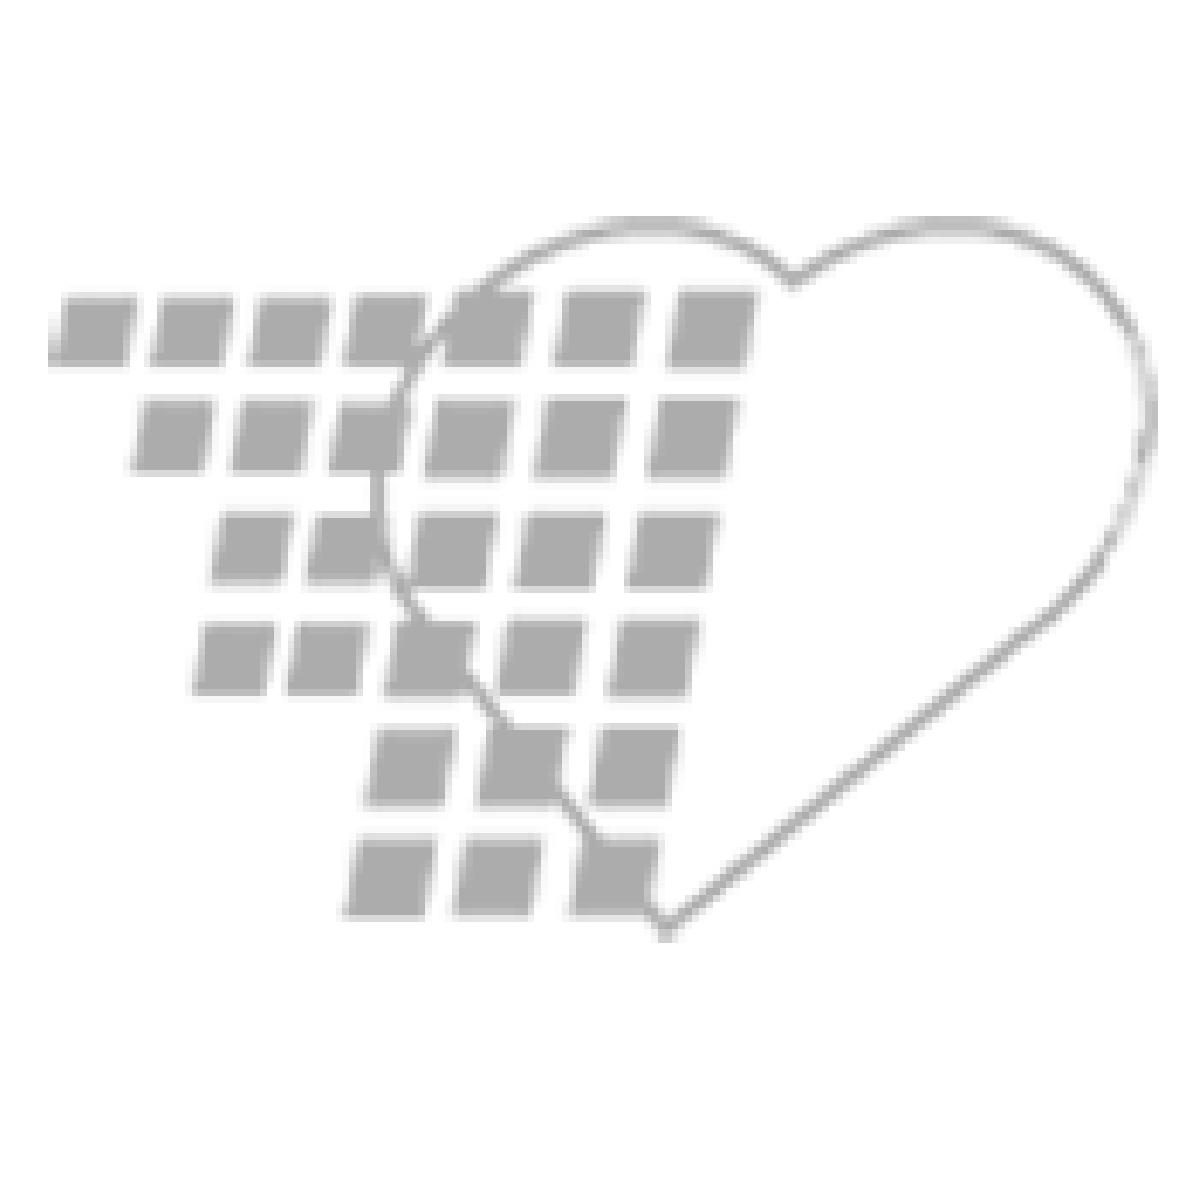 06-54-0654 - Alaris Primary IV Tubing